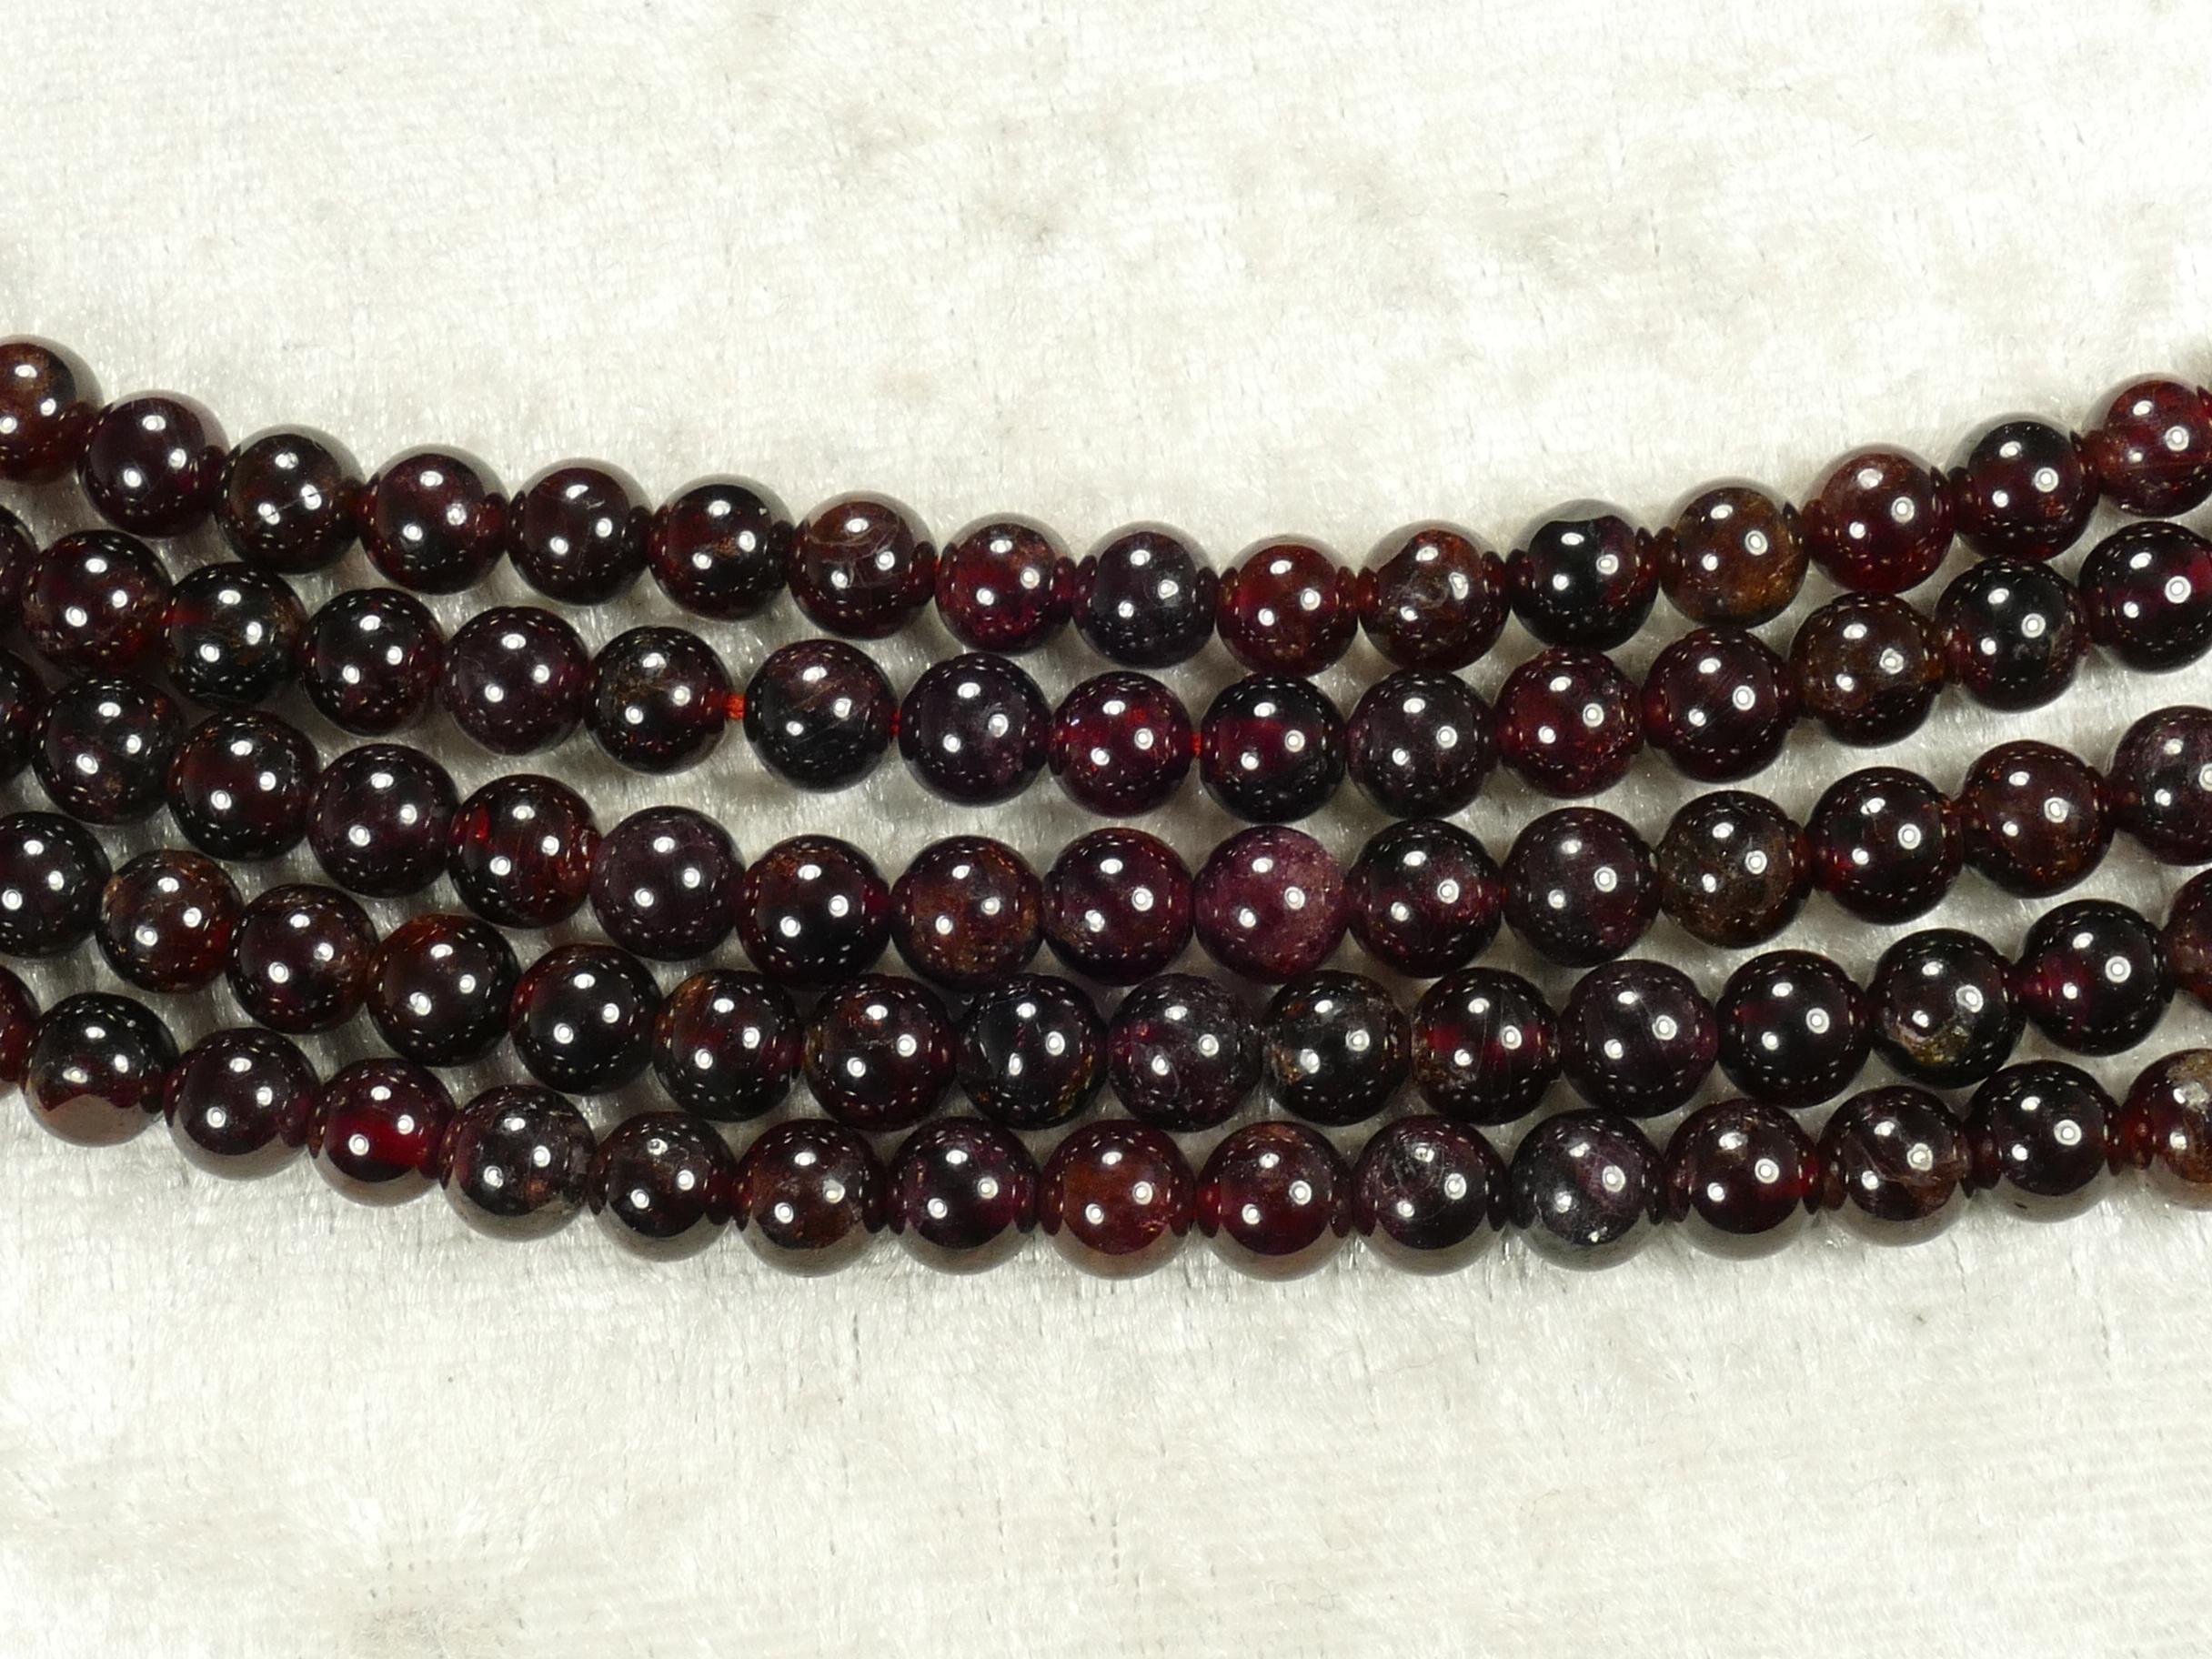 6.1mm Fil de perles de grenat rouge naturel en boule lisse x34cm (13.4inch) (#AC831)